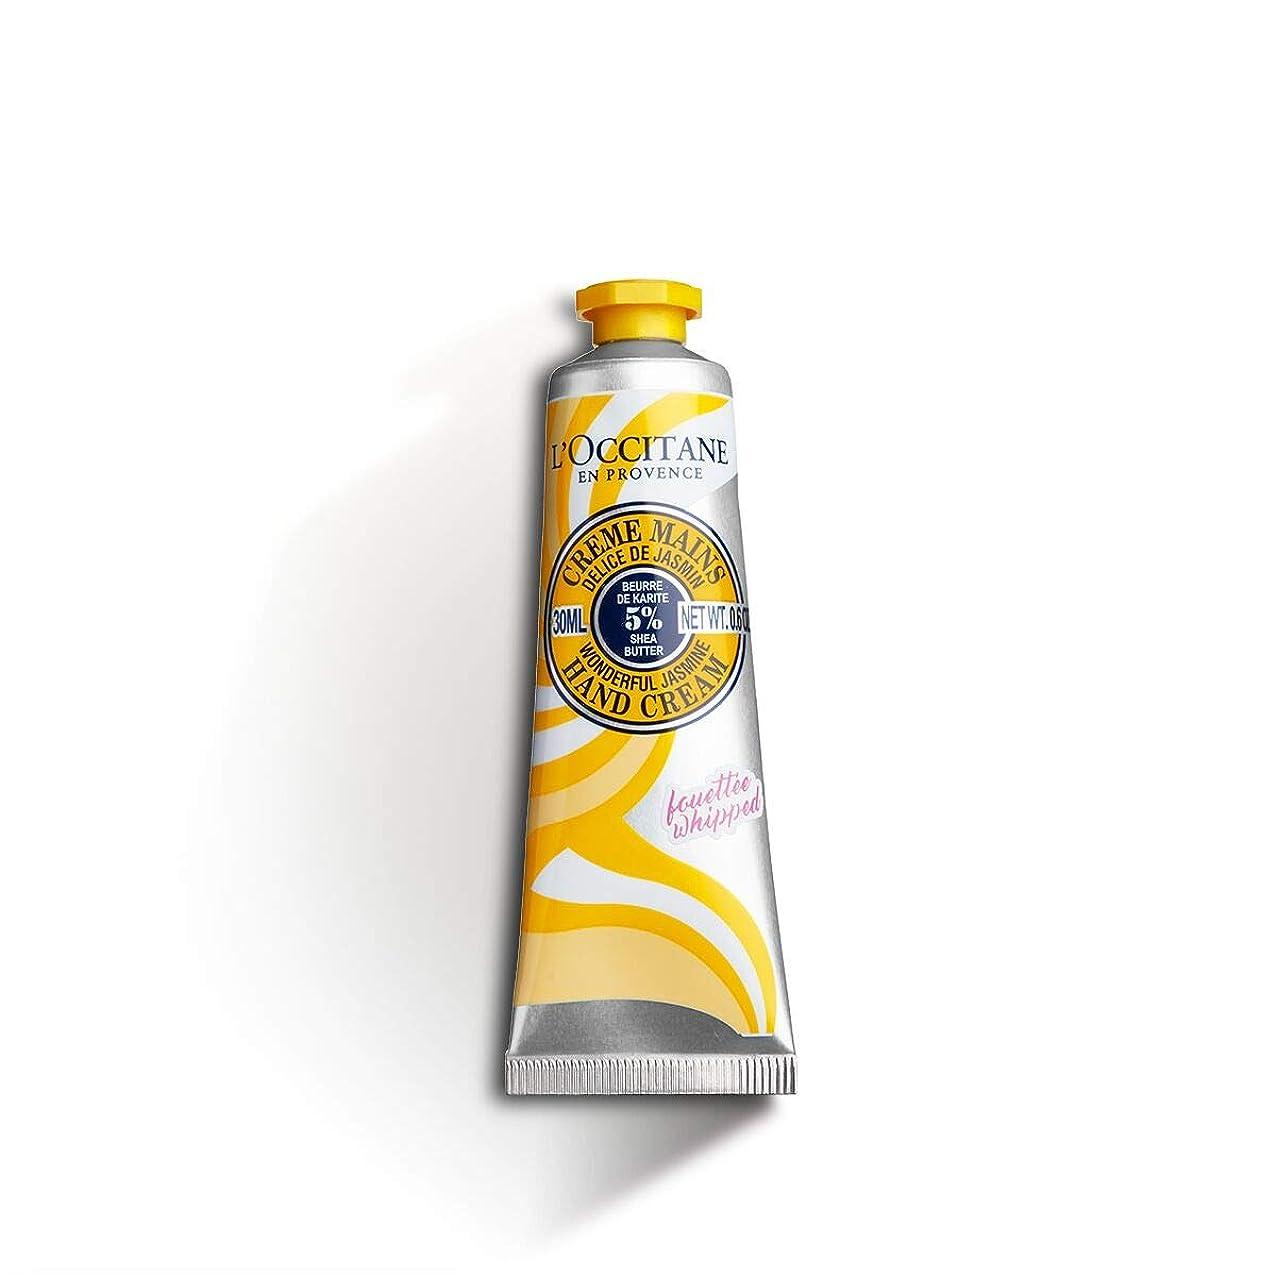 破裂未知のシェルターロクシタン(L'OCCITANE) スノーシア ハンドクリーム(ジャスミンパッション) 30ml